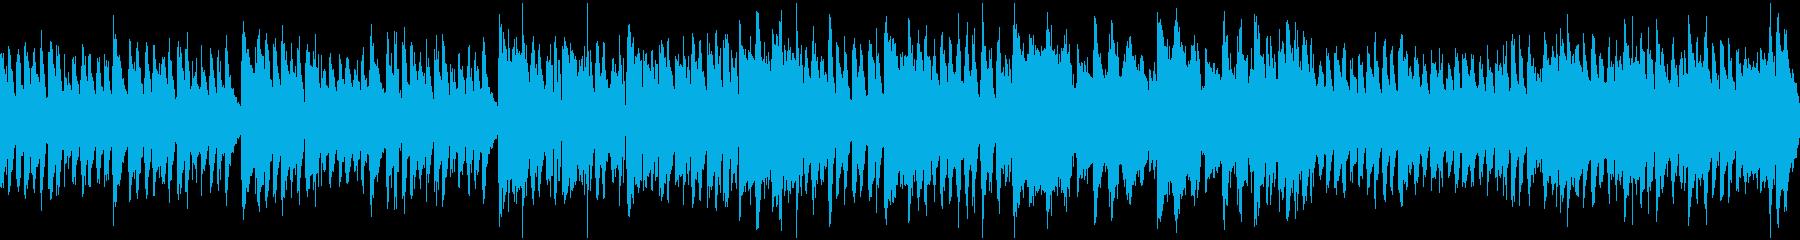 ダーク&コミカルなカーニバル(ループ)の再生済みの波形